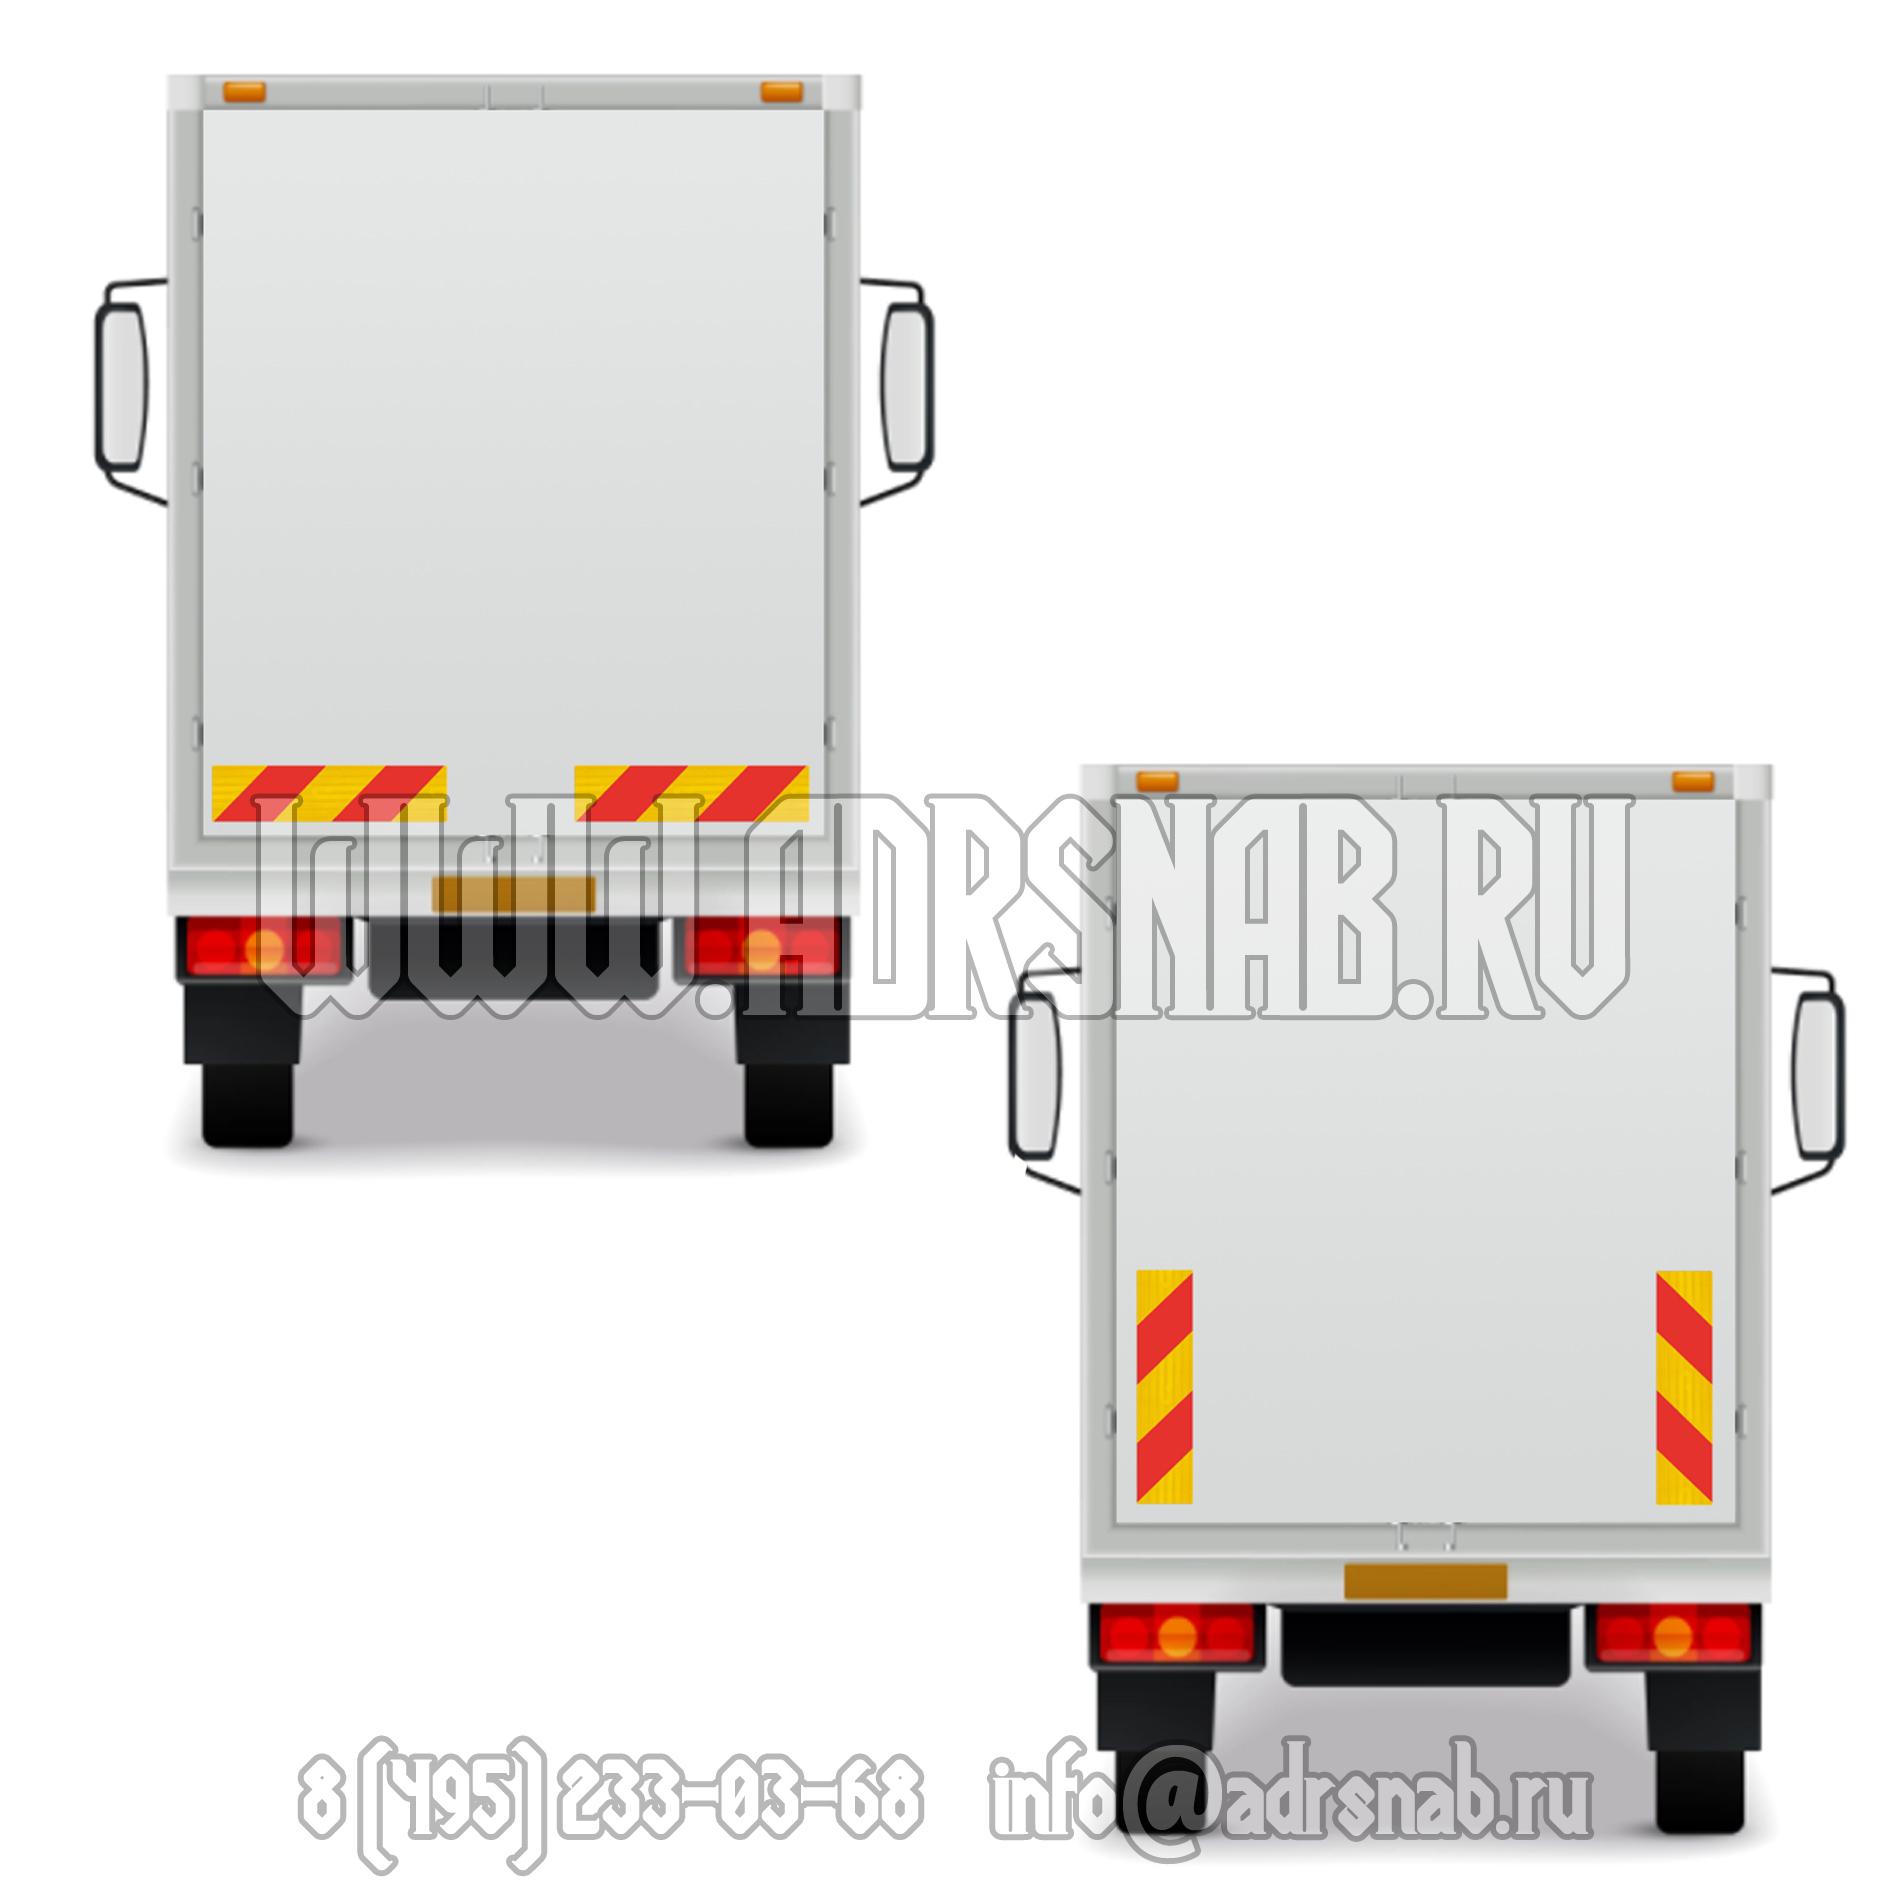 Задние опознавательные знаки для грузовиков